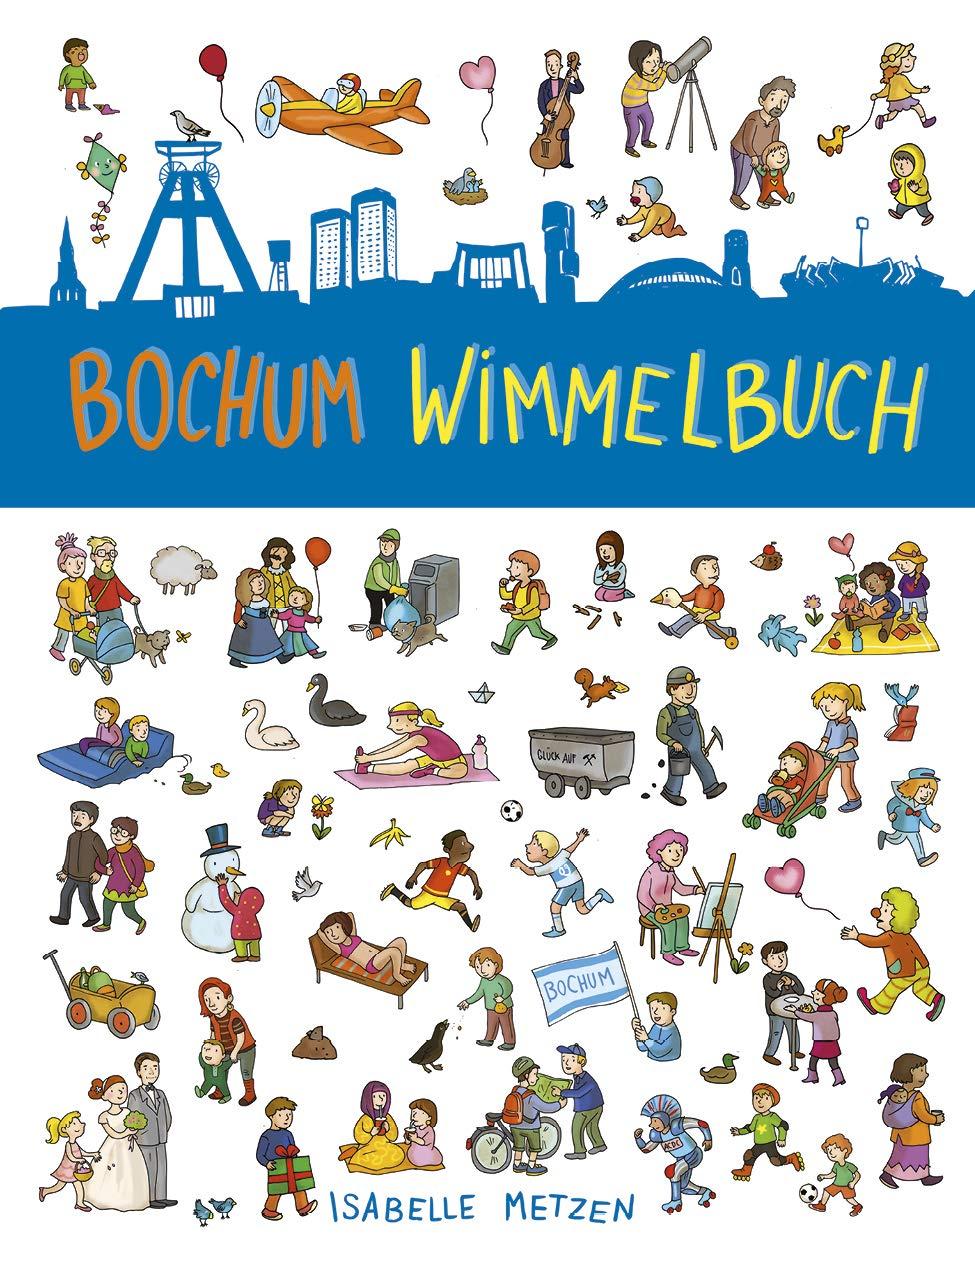 WimmelbuchFür WimmelbuchFür Bochum KinderIsabelle Bochum Bochum KinderIsabelle WimmelbuchFür P80nwkOX